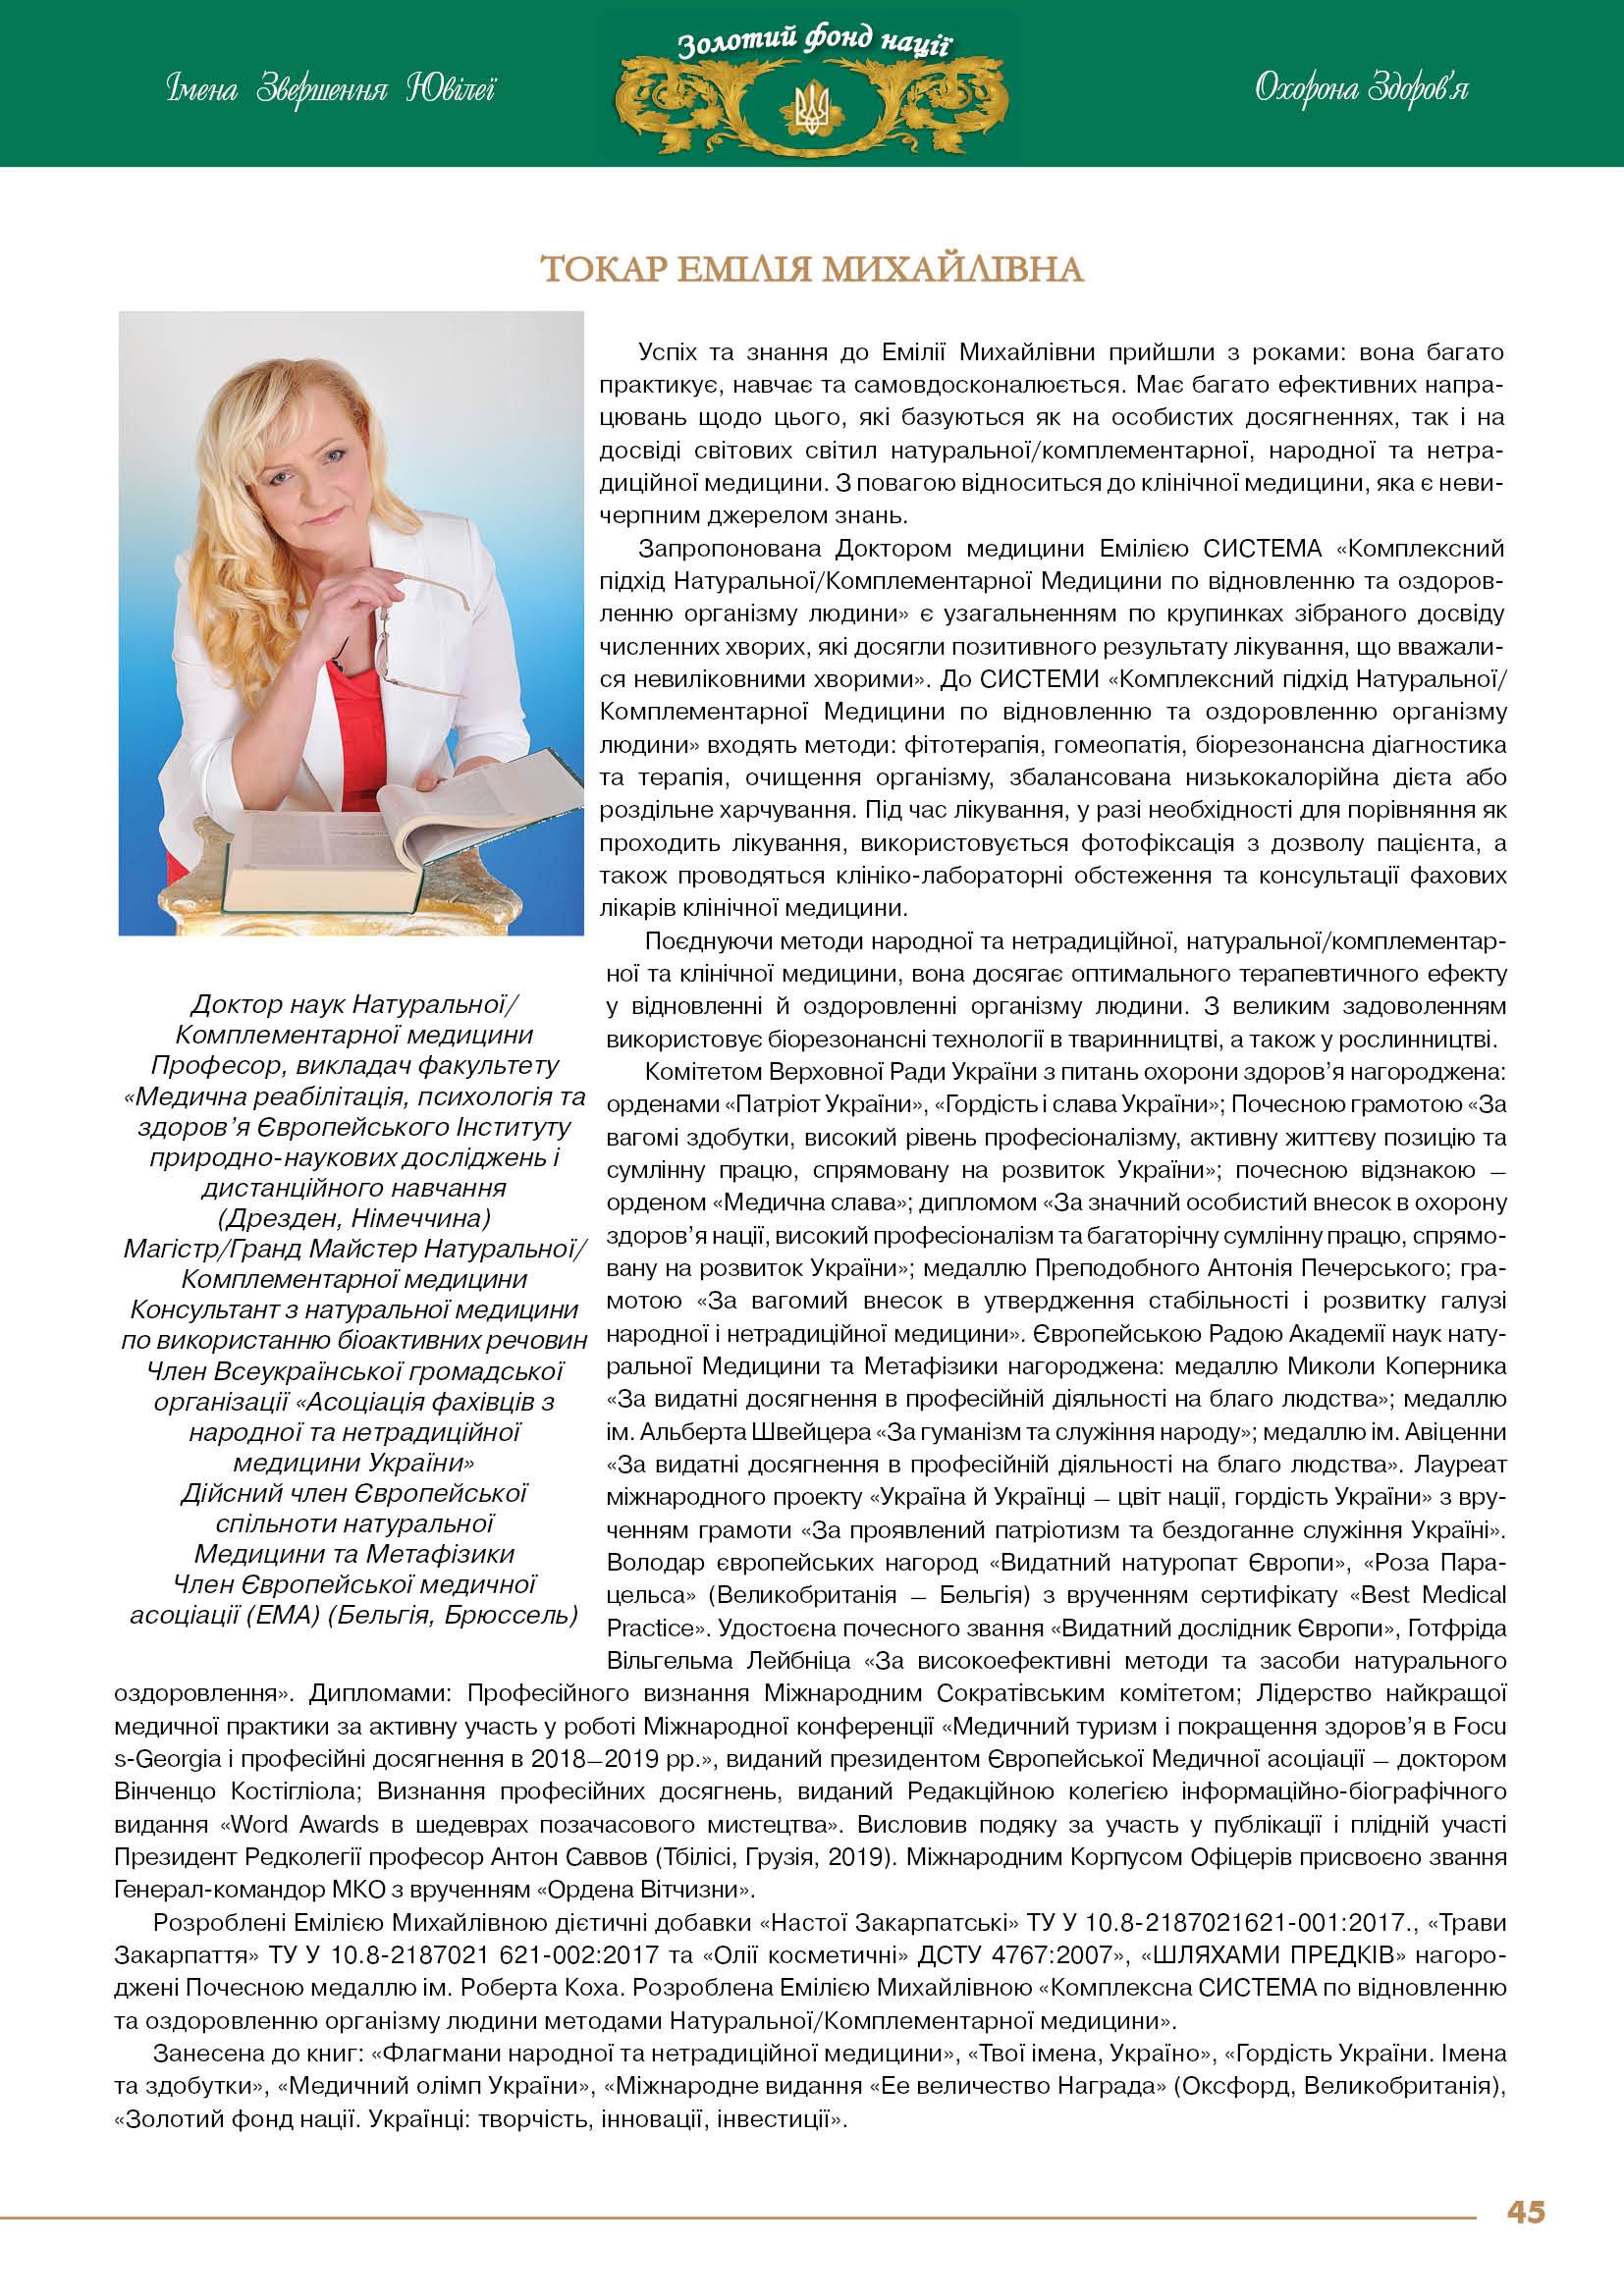 Токар Емілія Михайлівна